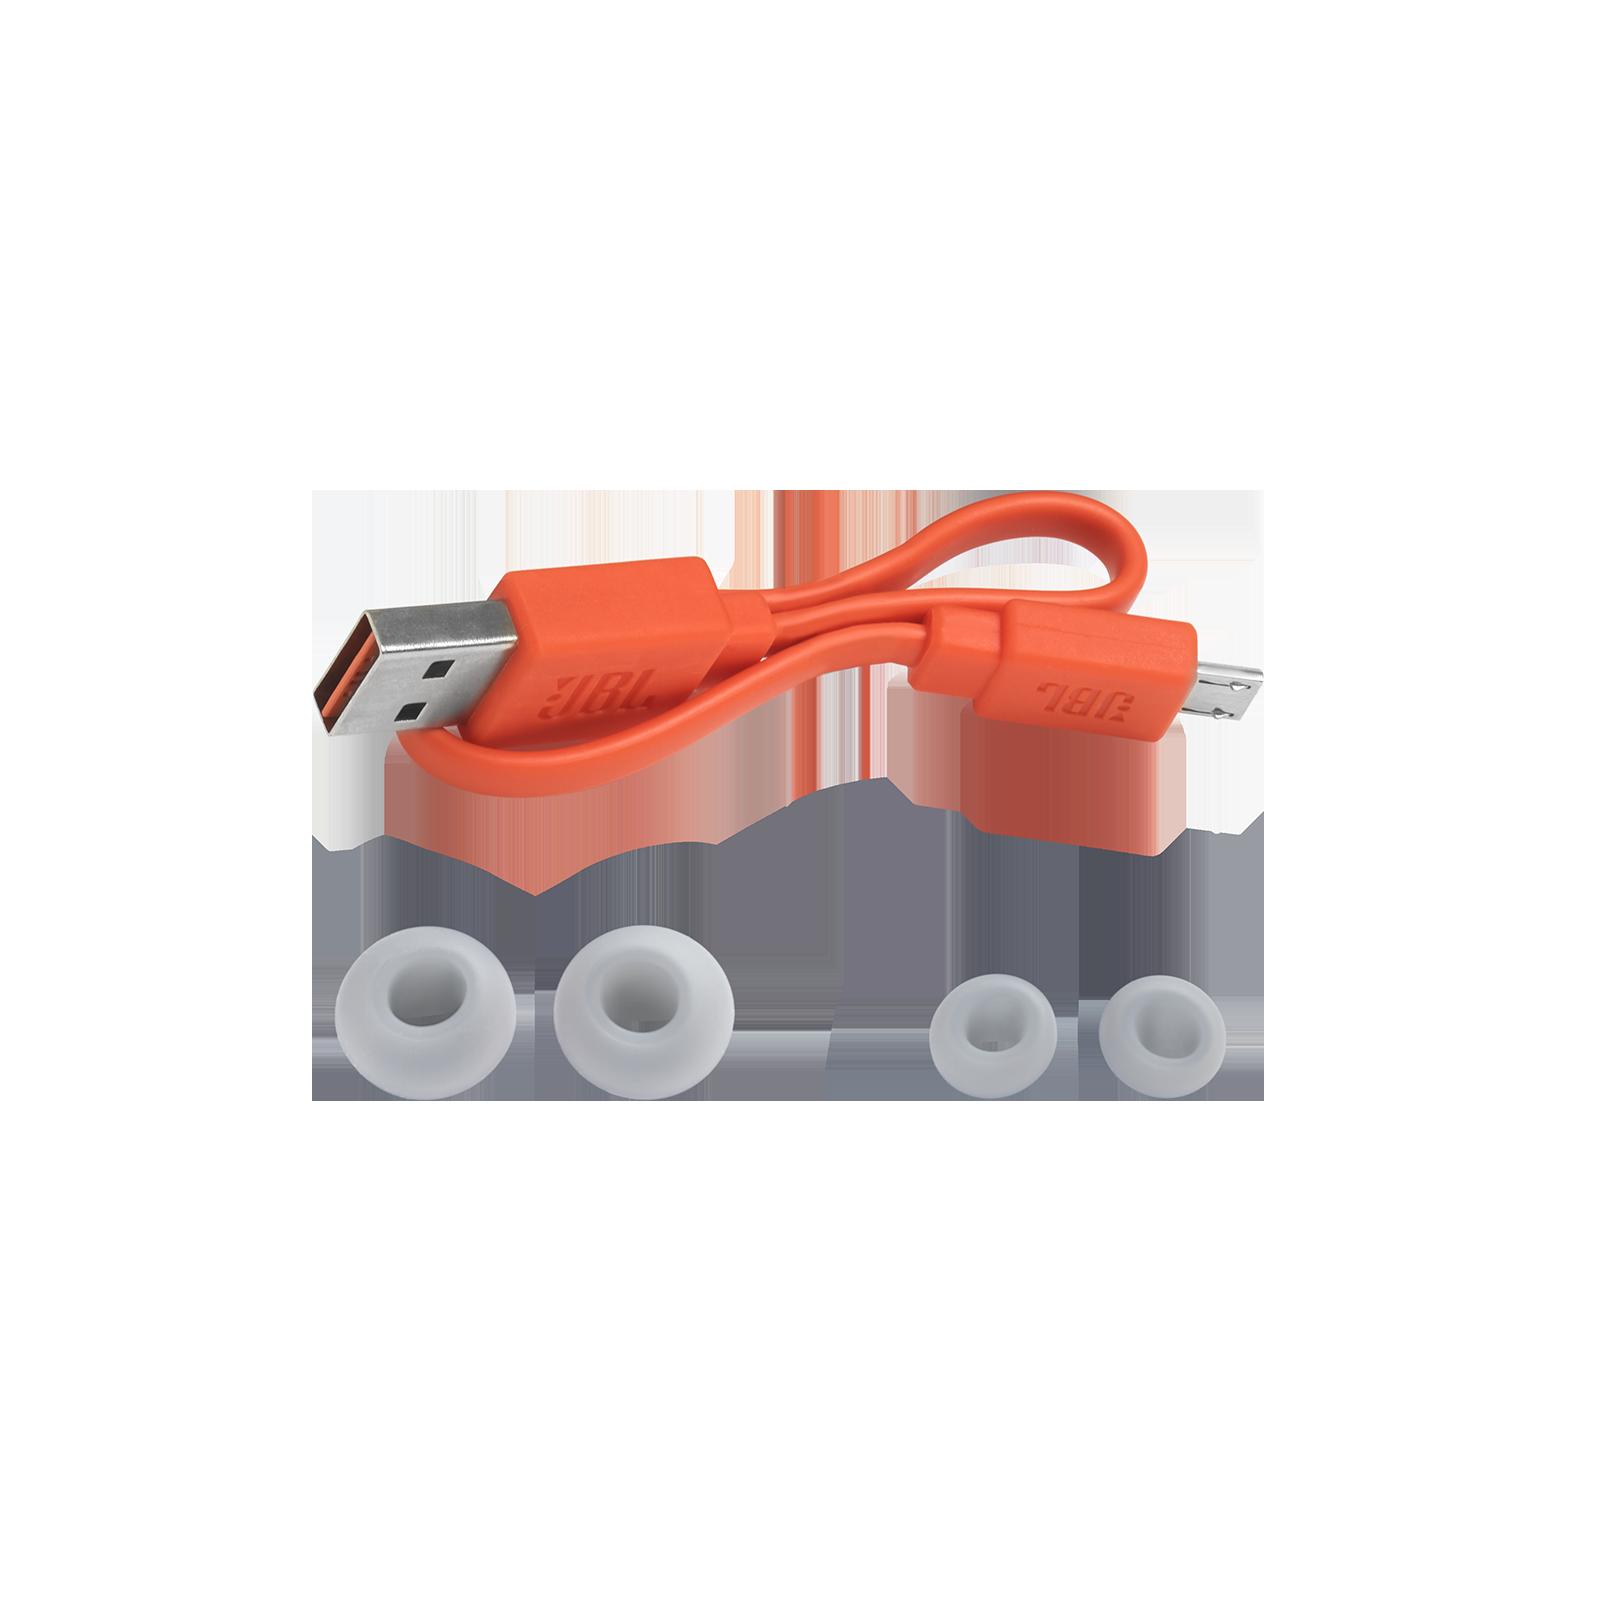 JBL Endurance PEAK - Black - Waterproof True Wireless In-Ear Sport Headphones - Detailshot 4